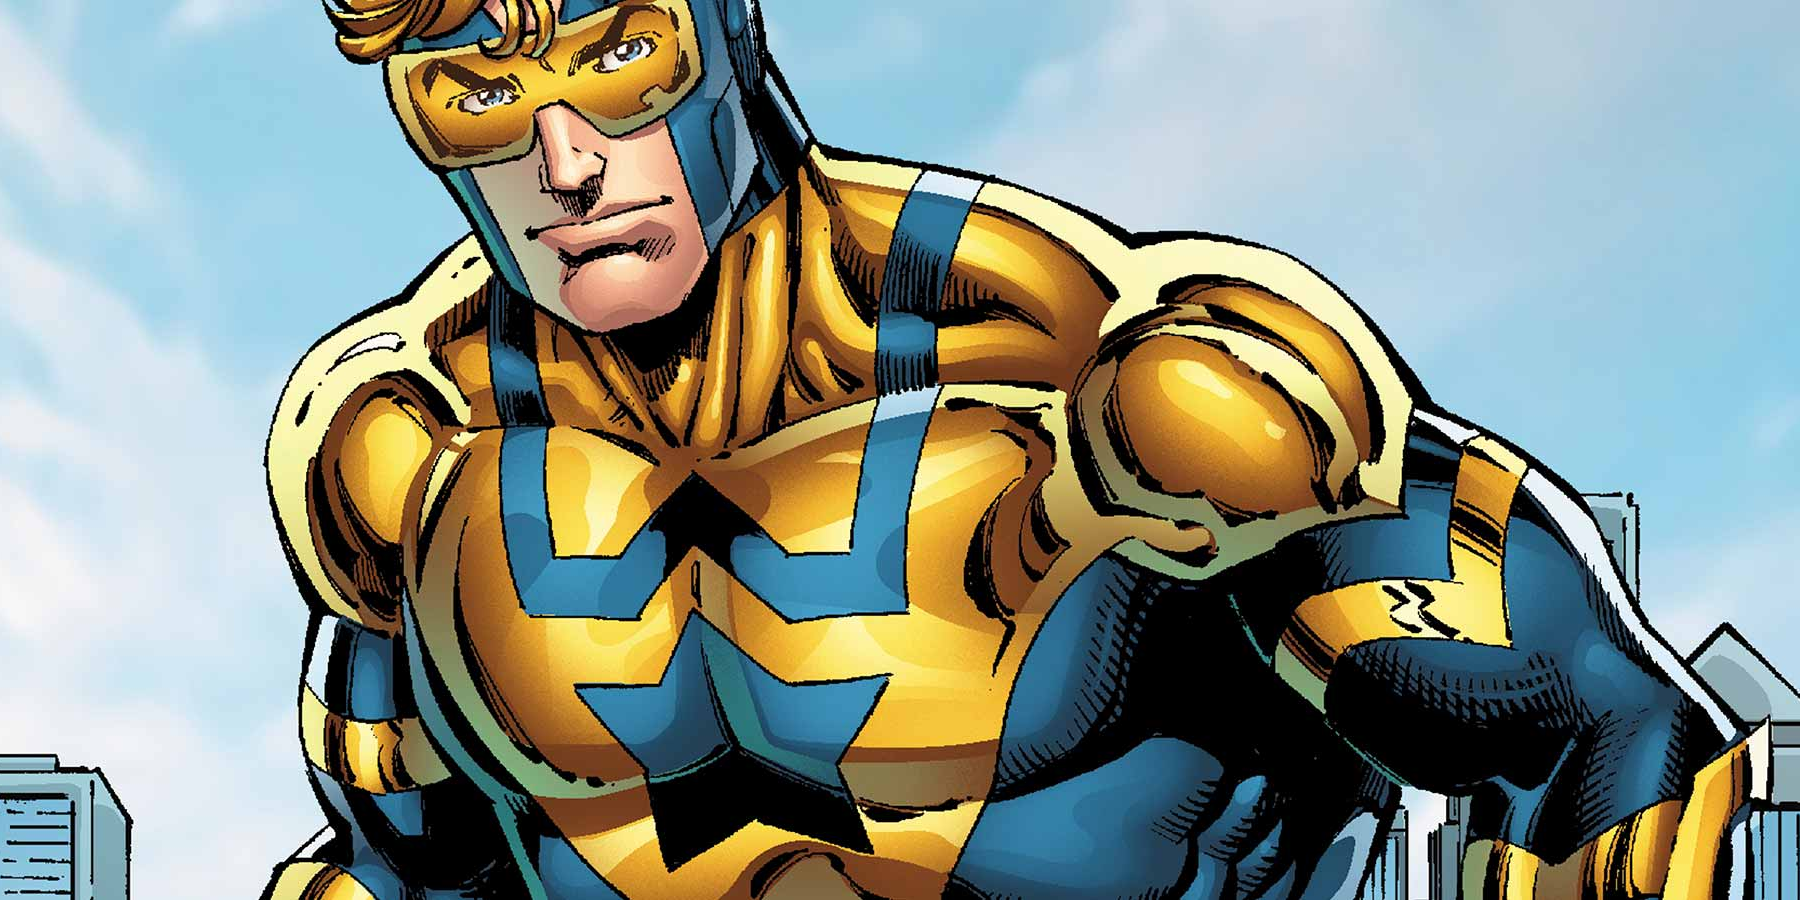 Universo DC Comics - Gladiador Dourado